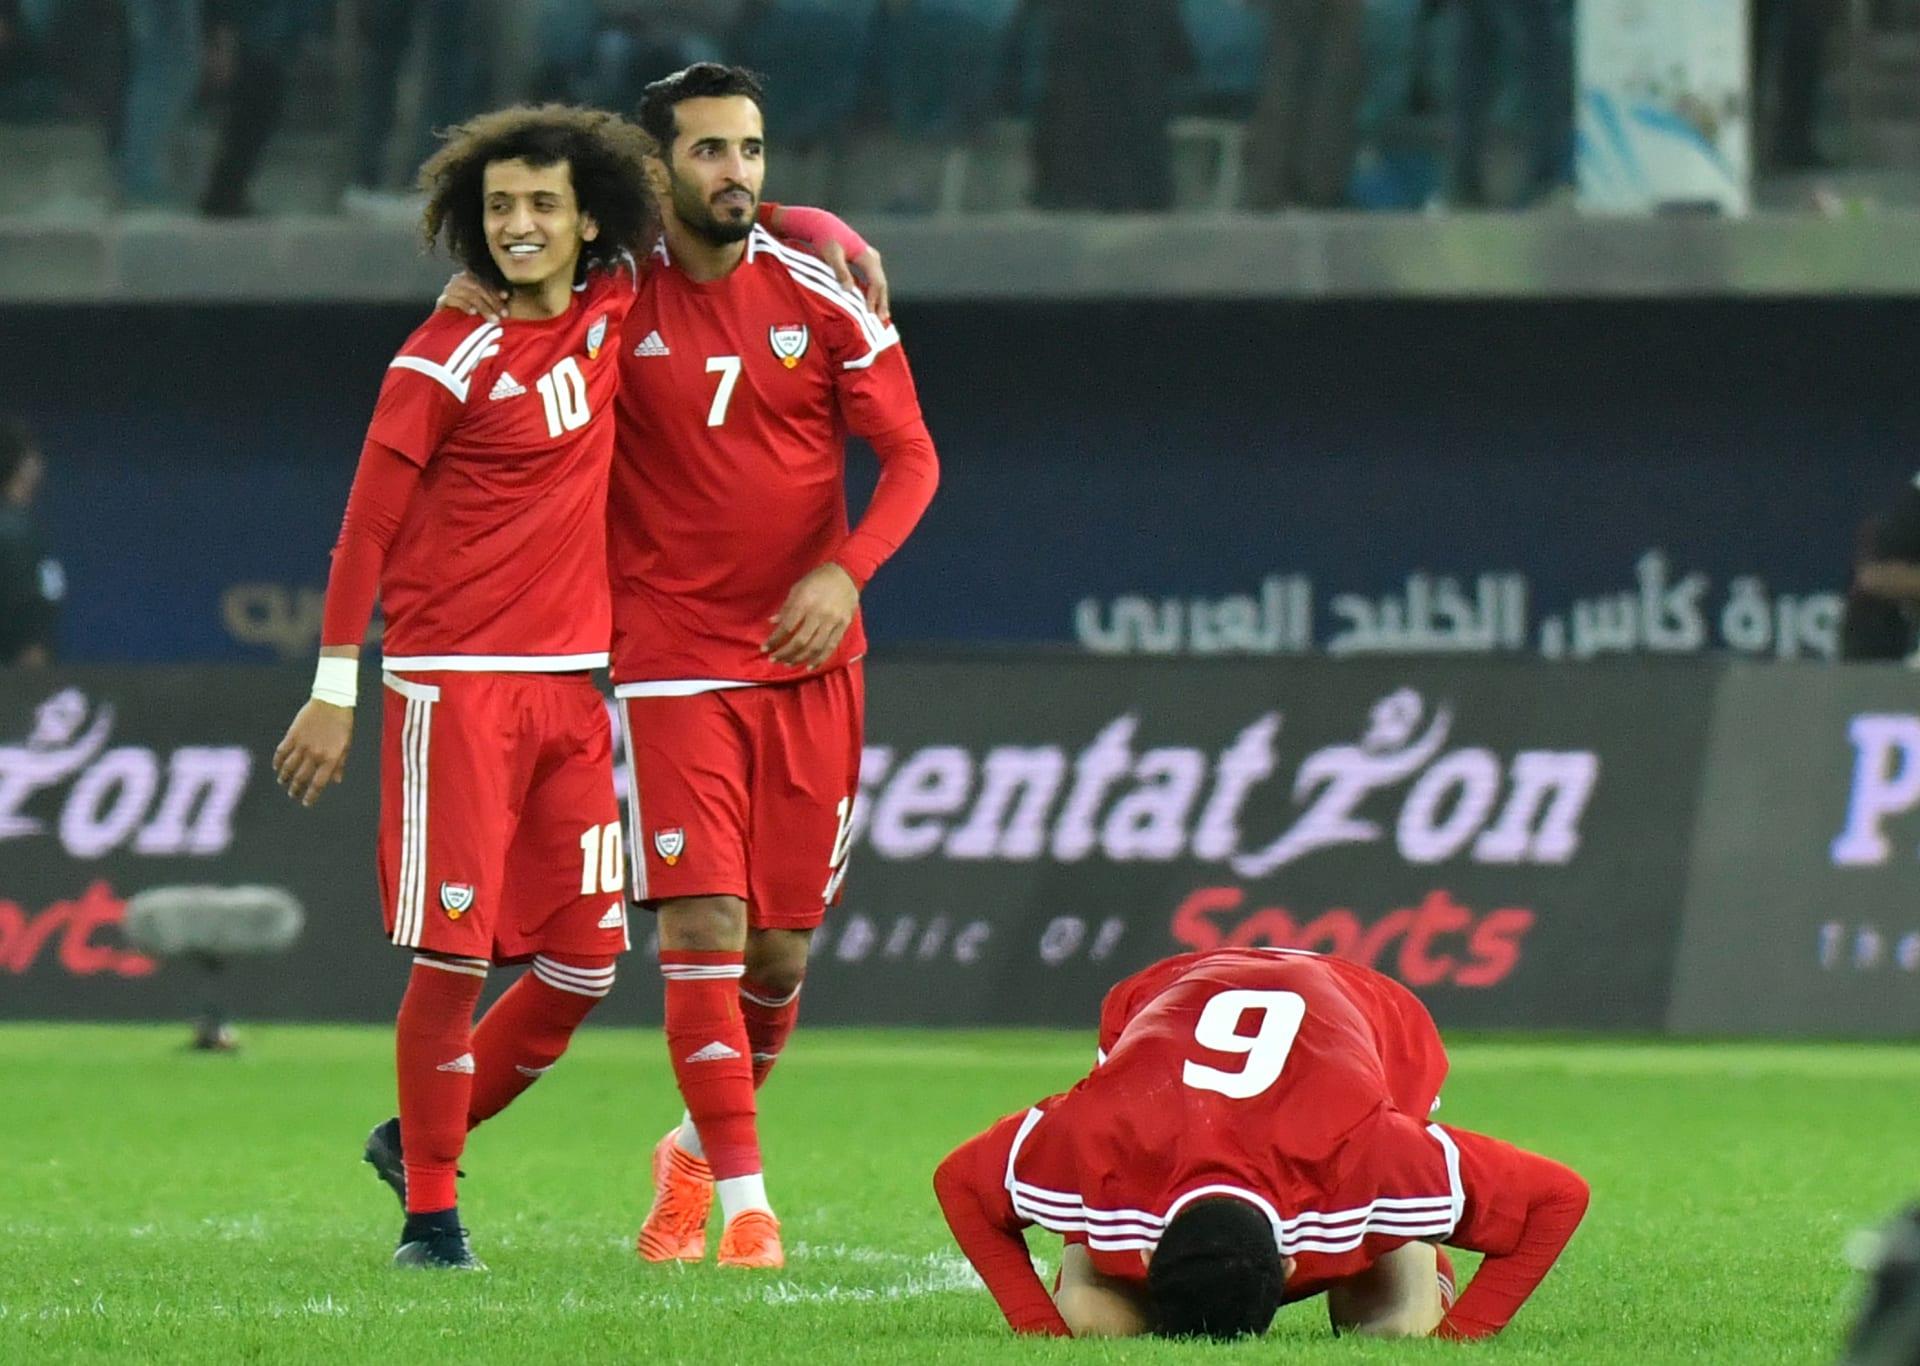 عمر عبد الرحمن مدافعا عن نفسه بعد إحالته إلى لجنة الانضباط: لم نخالف القيم الإماراتية